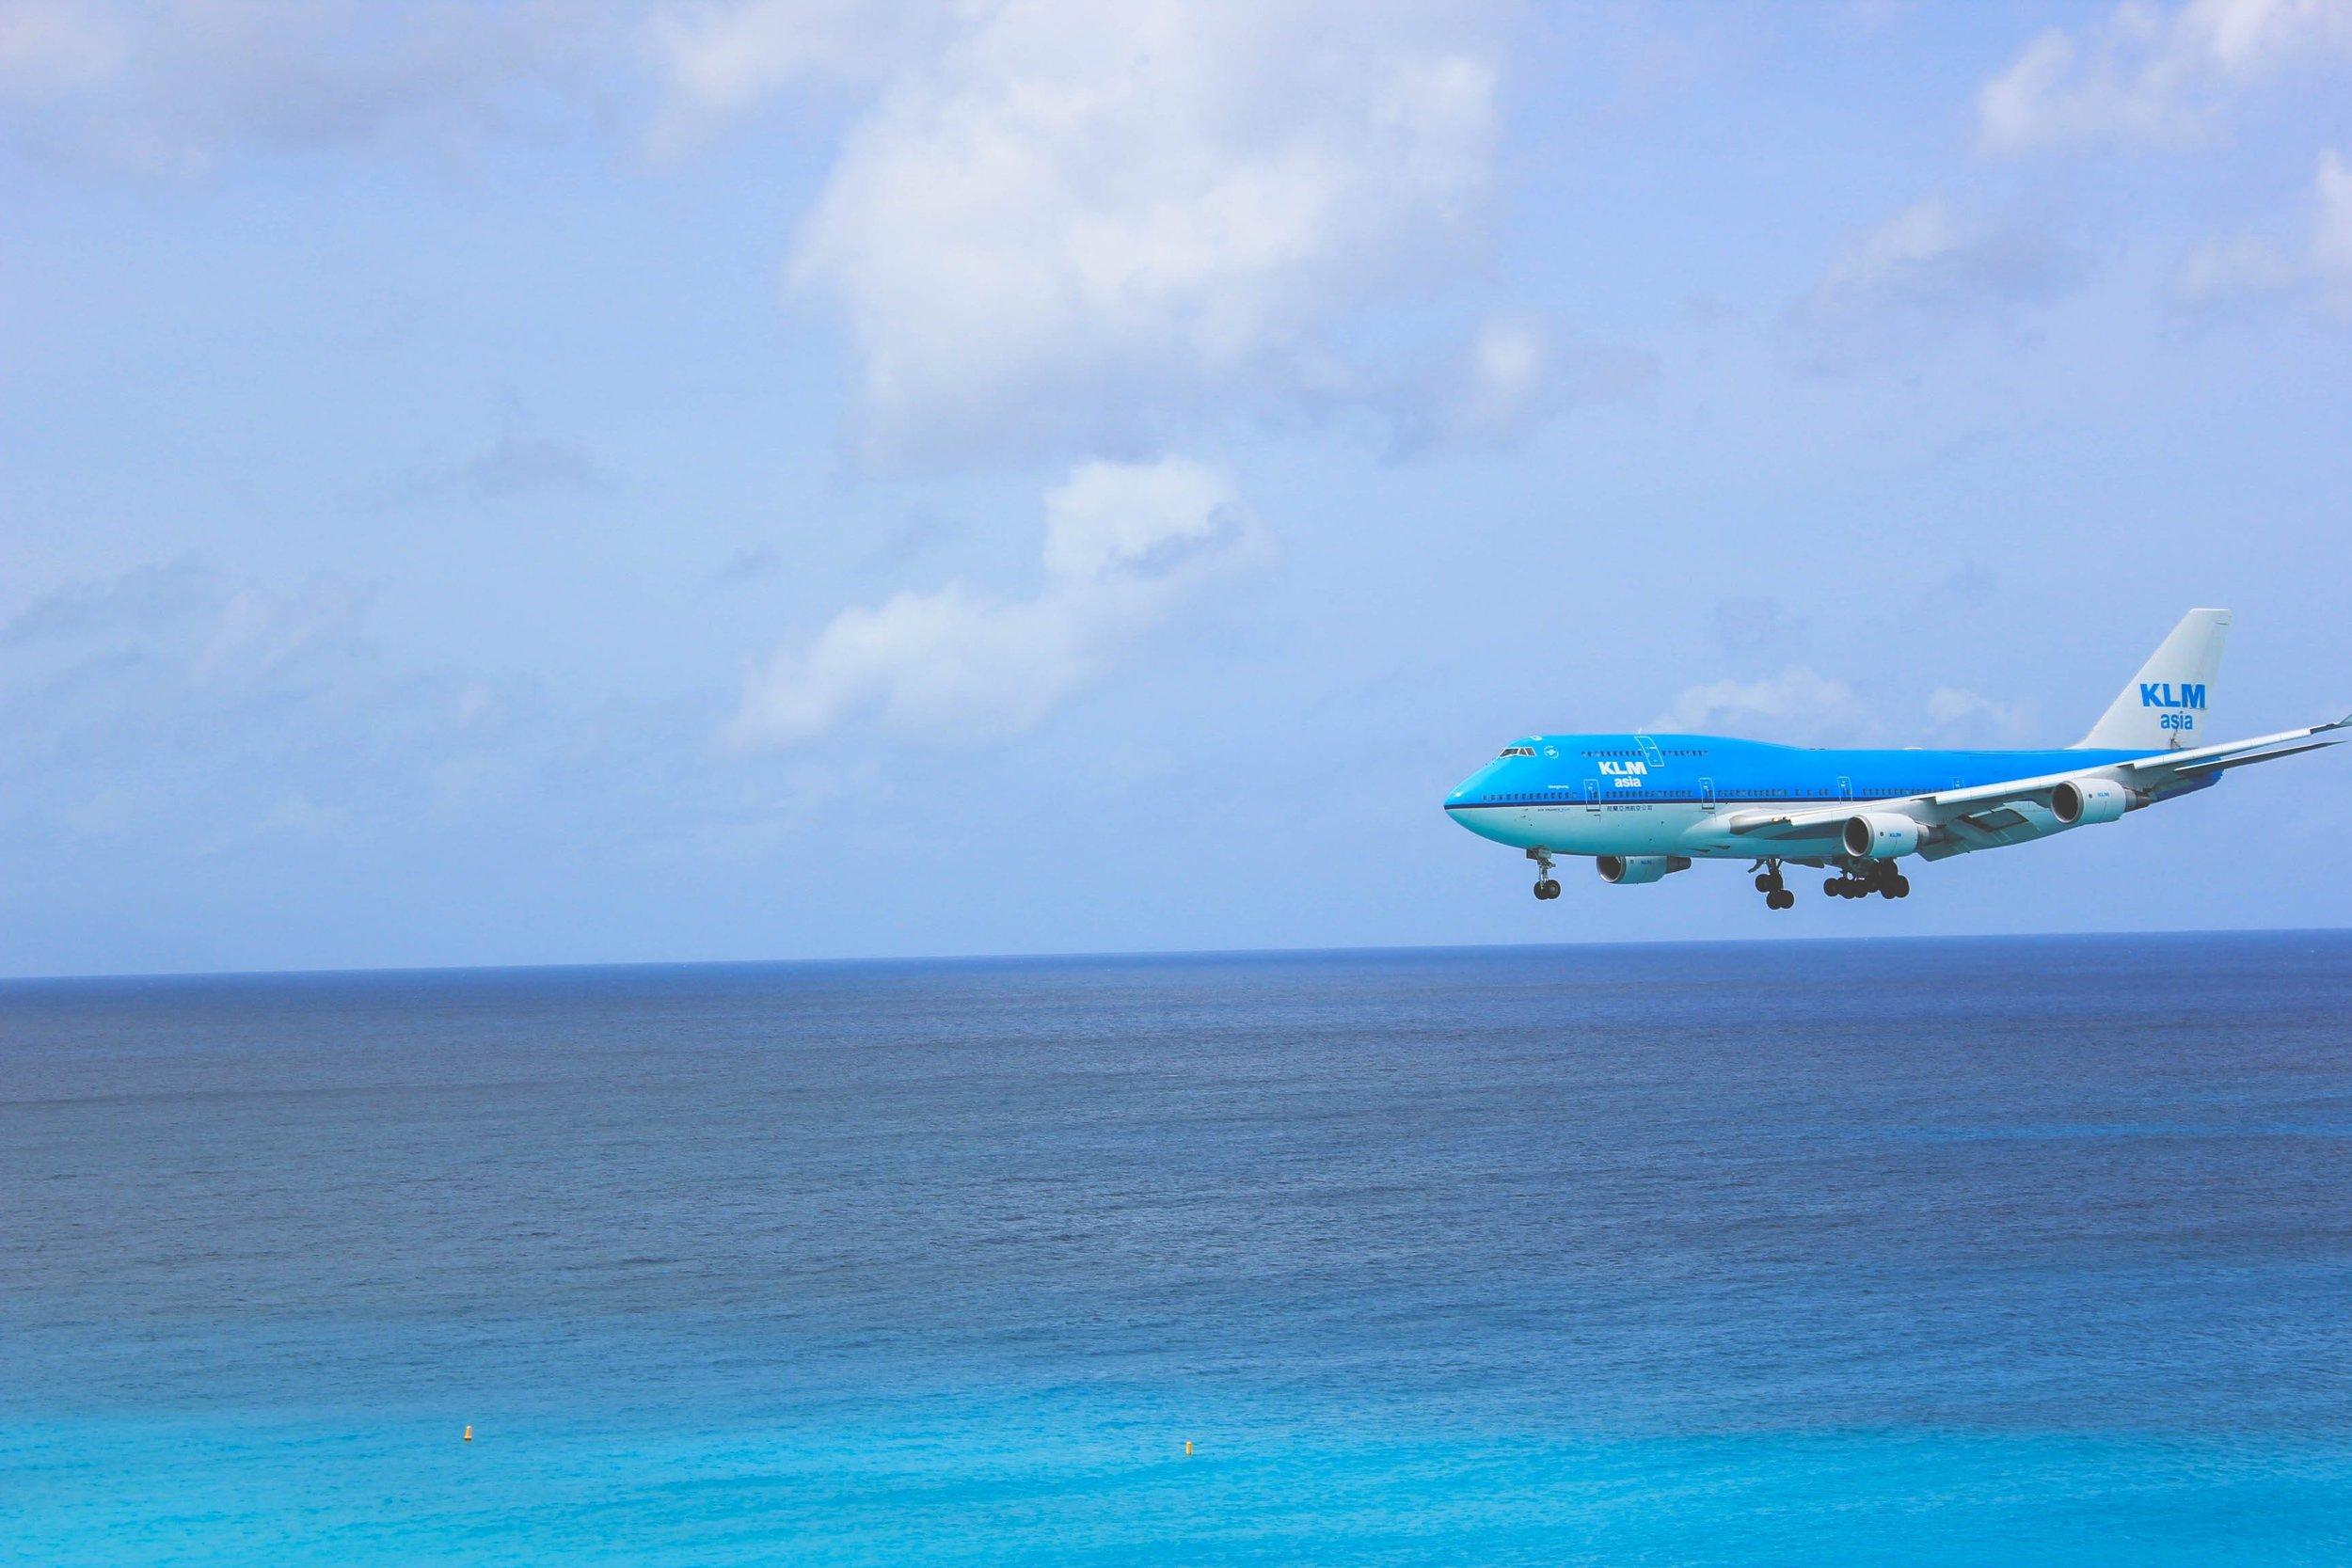 air-travel-aircraft-airplane-Shamia Casiano.jpg